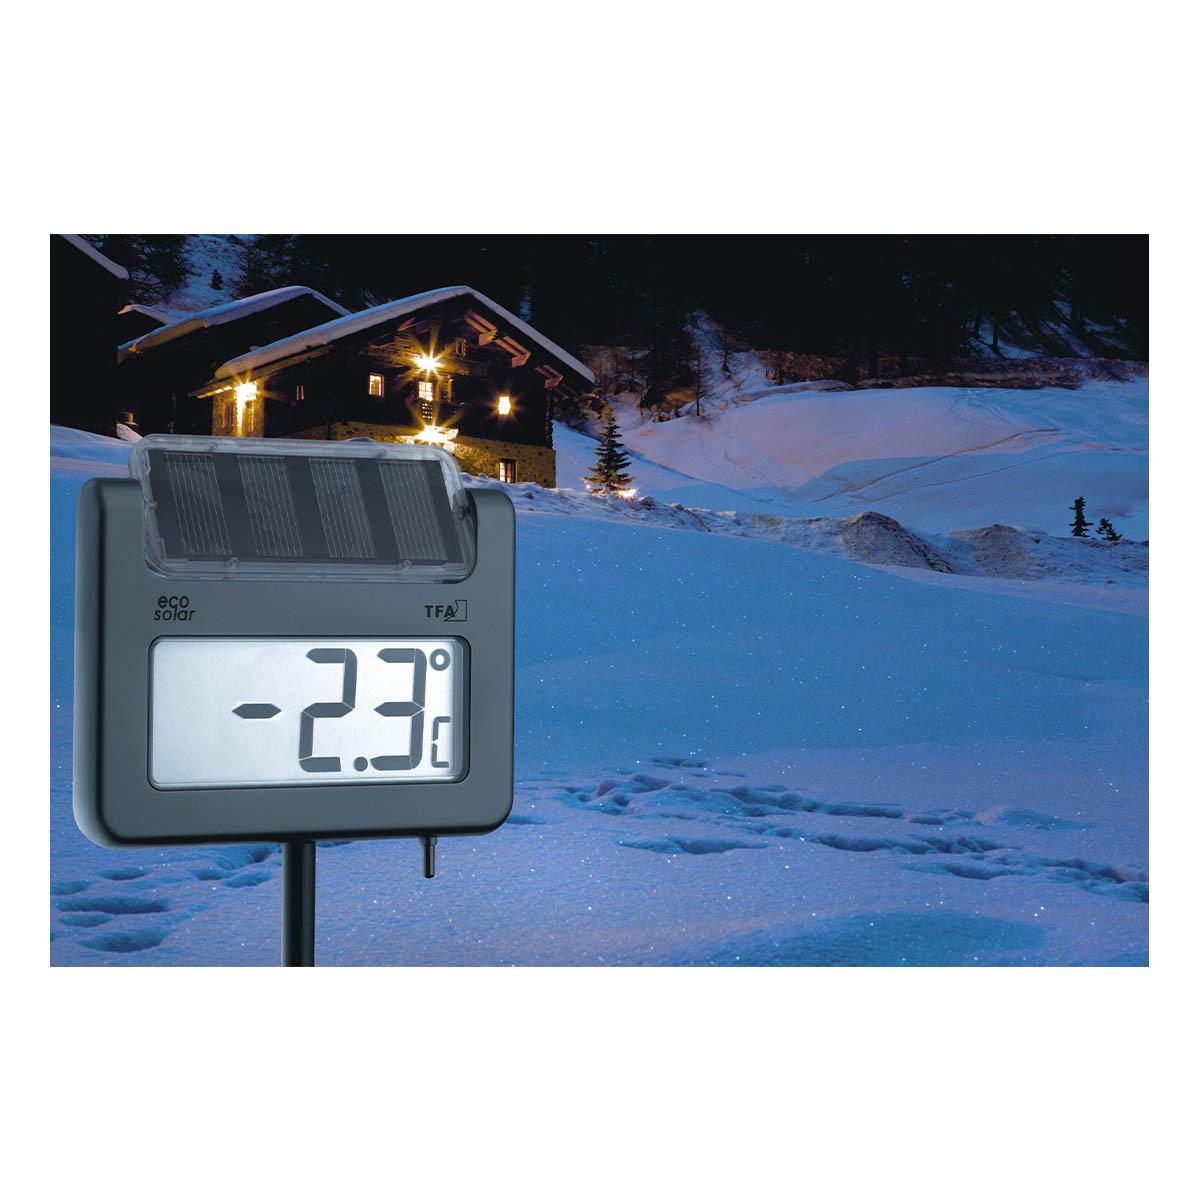 30-2026-digitales-gartenthermometer-mit-solarbeleuchtung-avenue-anwendung3-1200x1200px.jpg